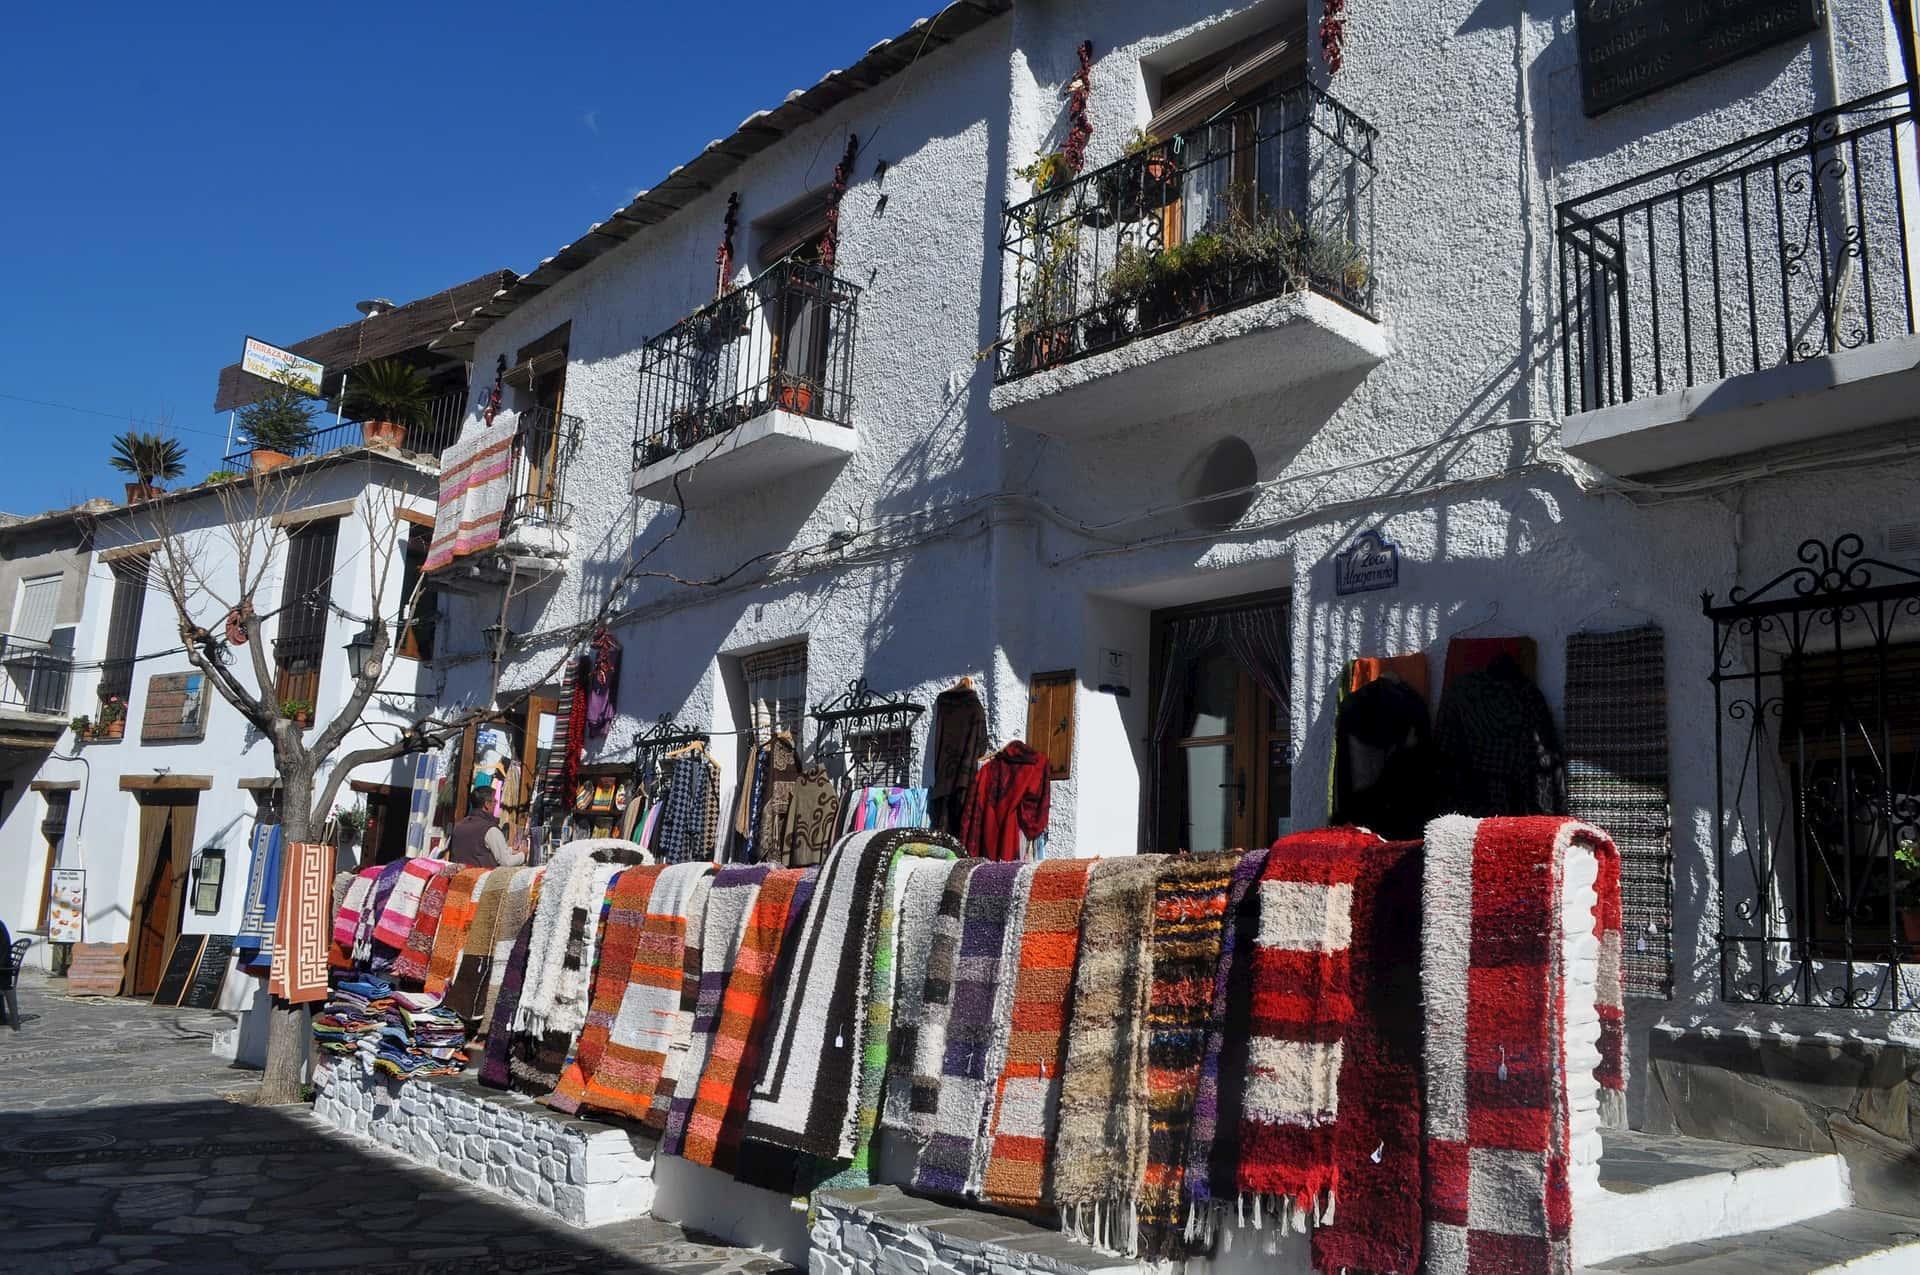 Calles y comercios artesanales en la Alpujarra de Granada